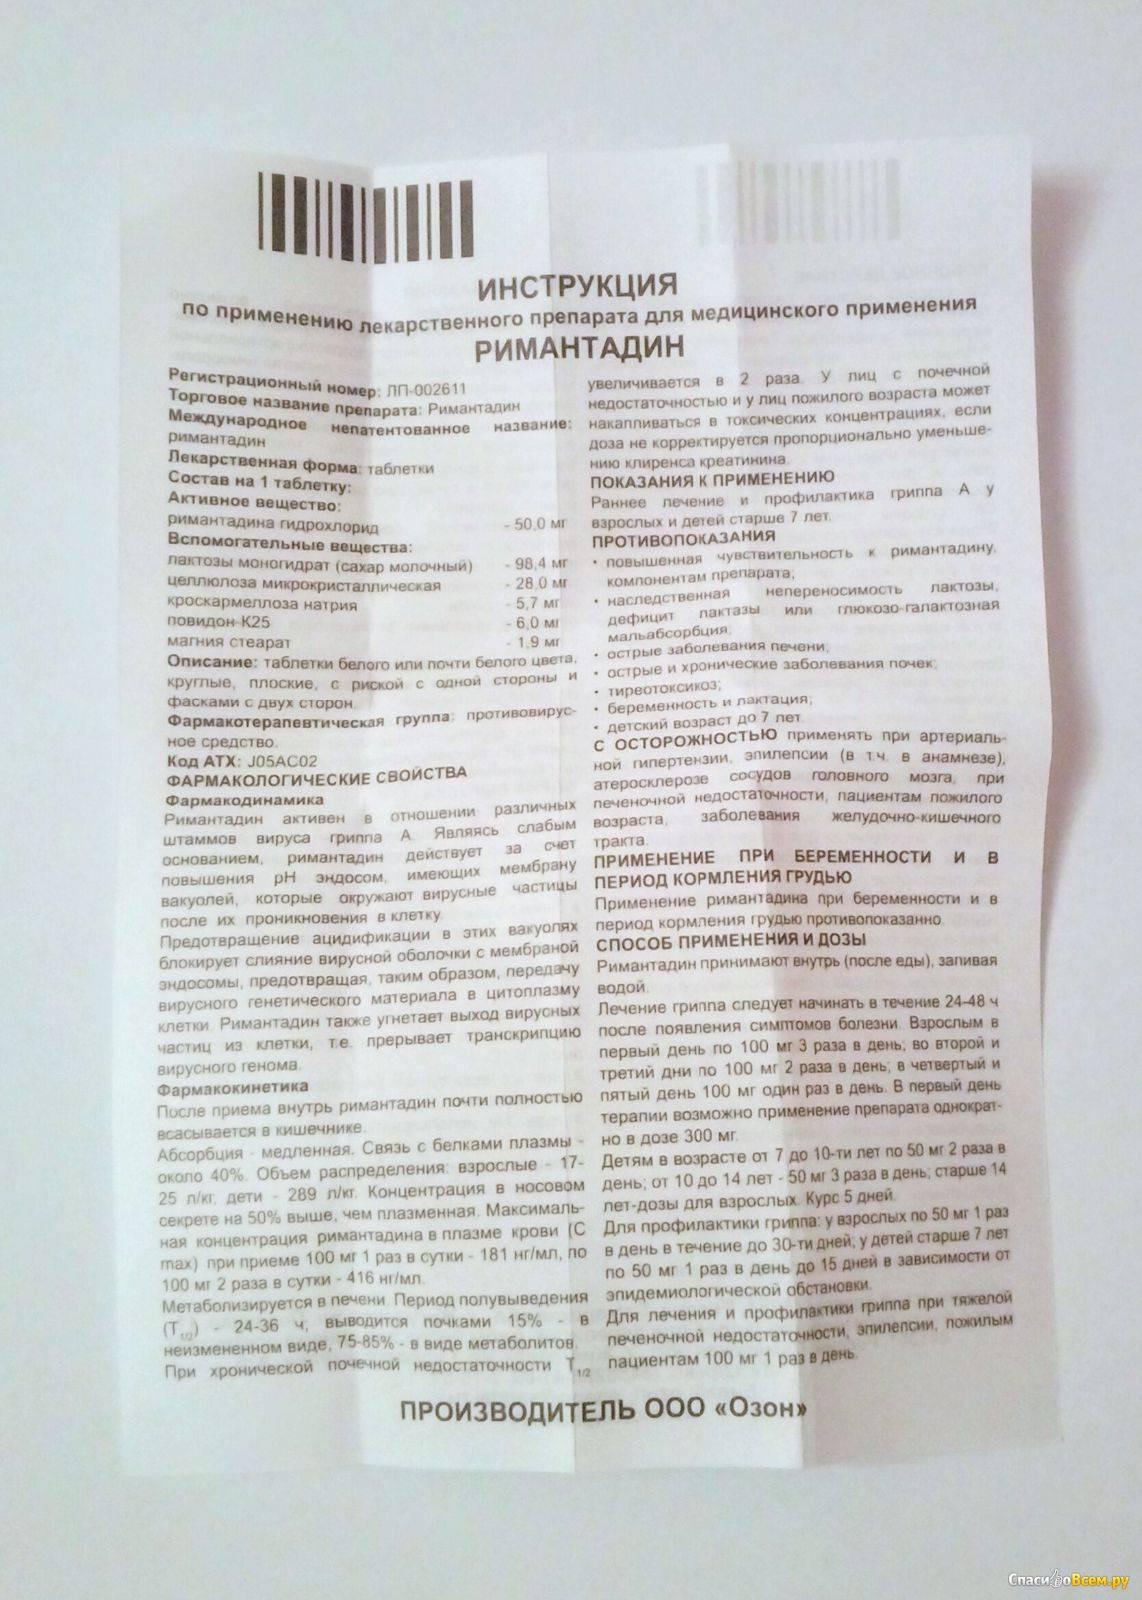 """""""тенотен"""": инструкция по применению, состав, показания и противопоказания"""